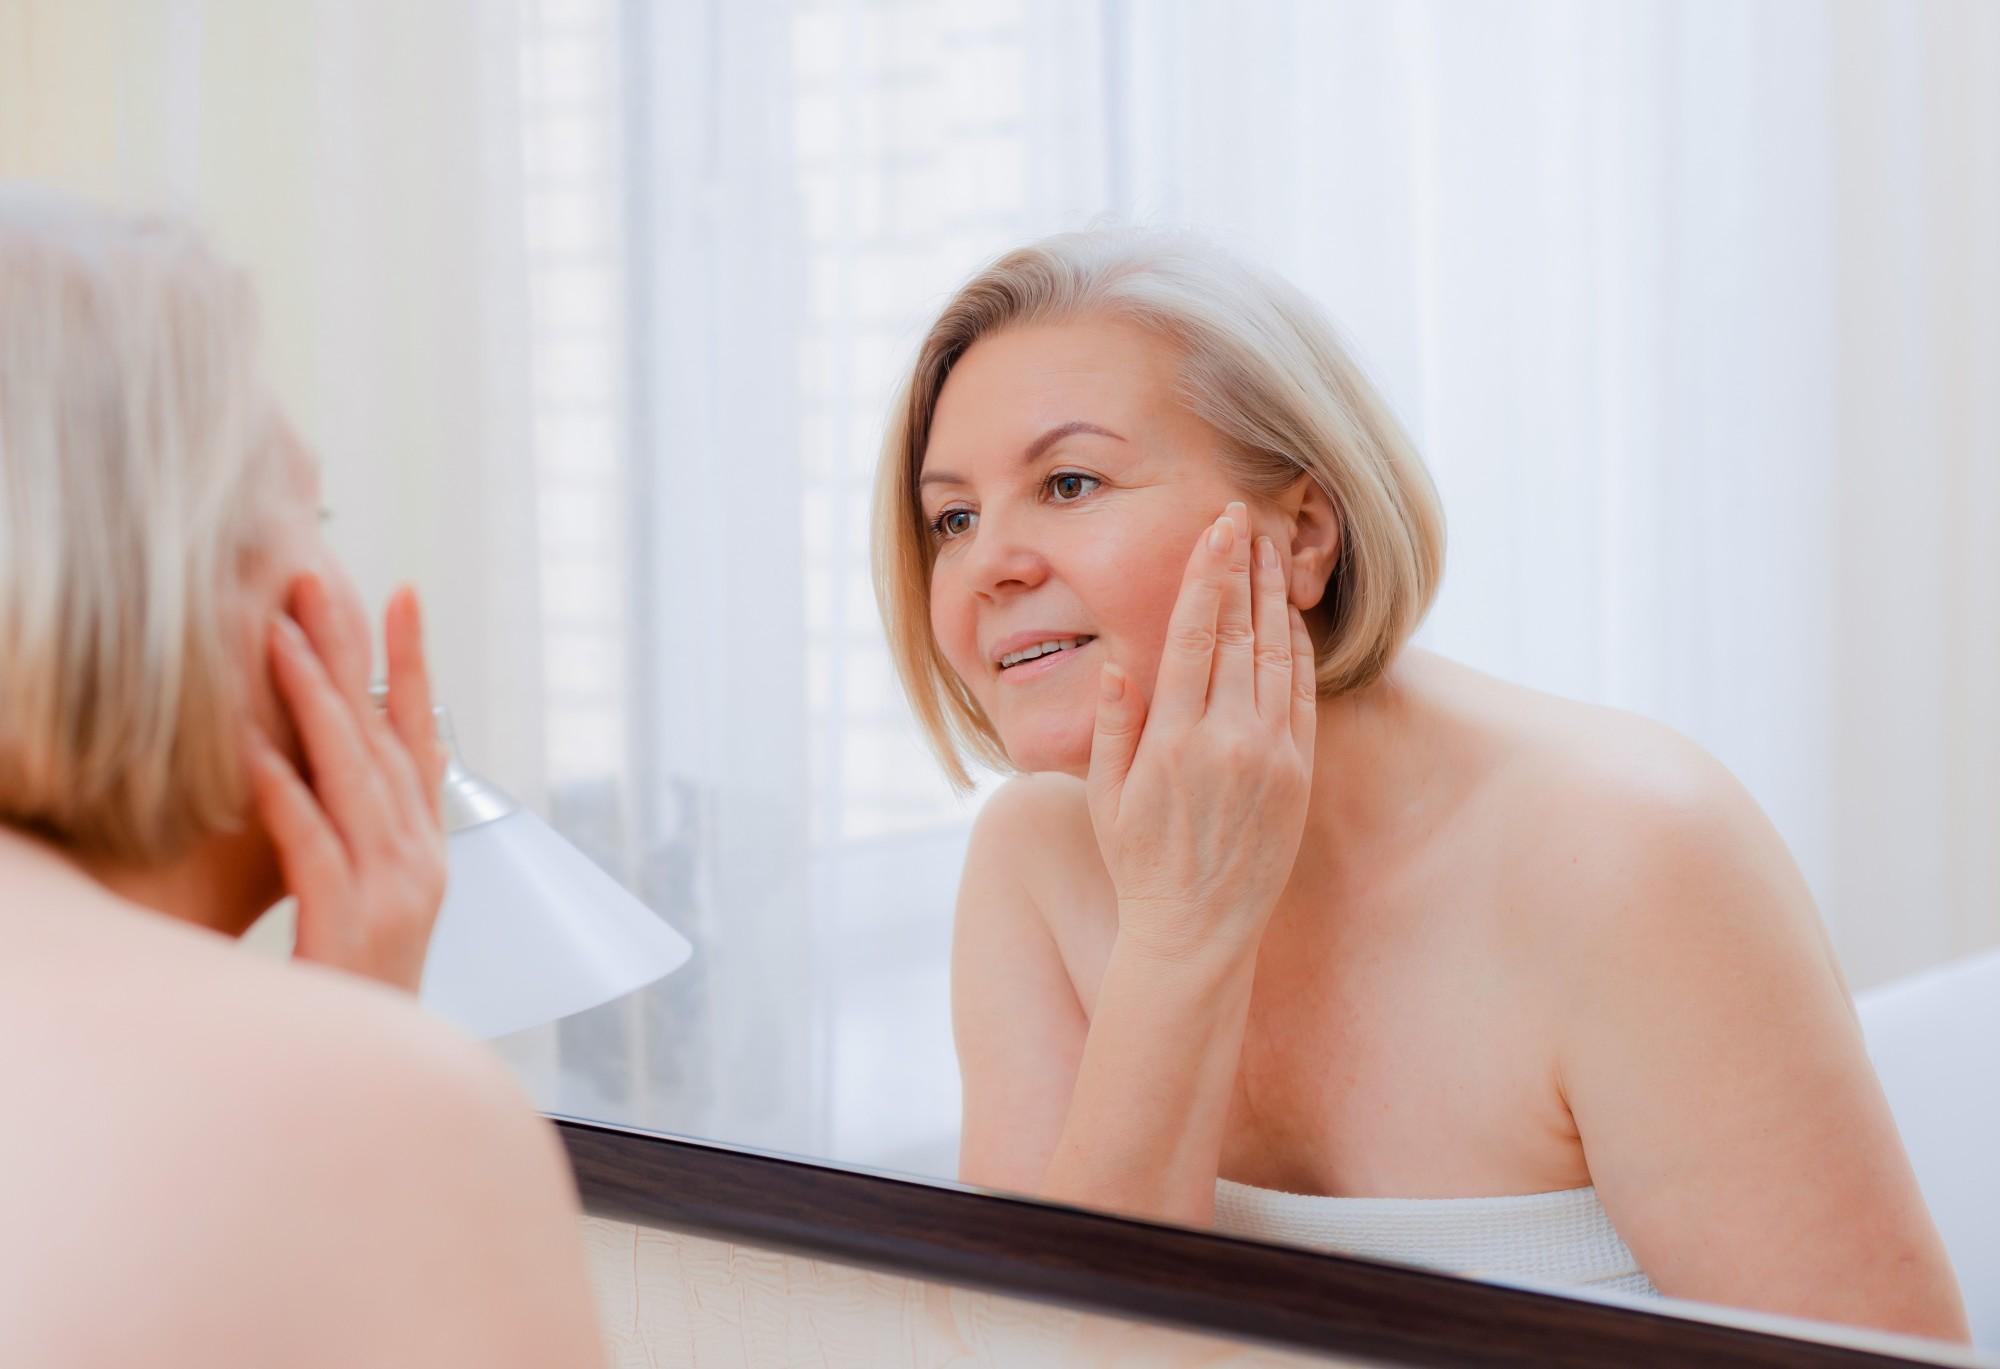 Ácido hialurônico: conheça as funções do queridinho do momento